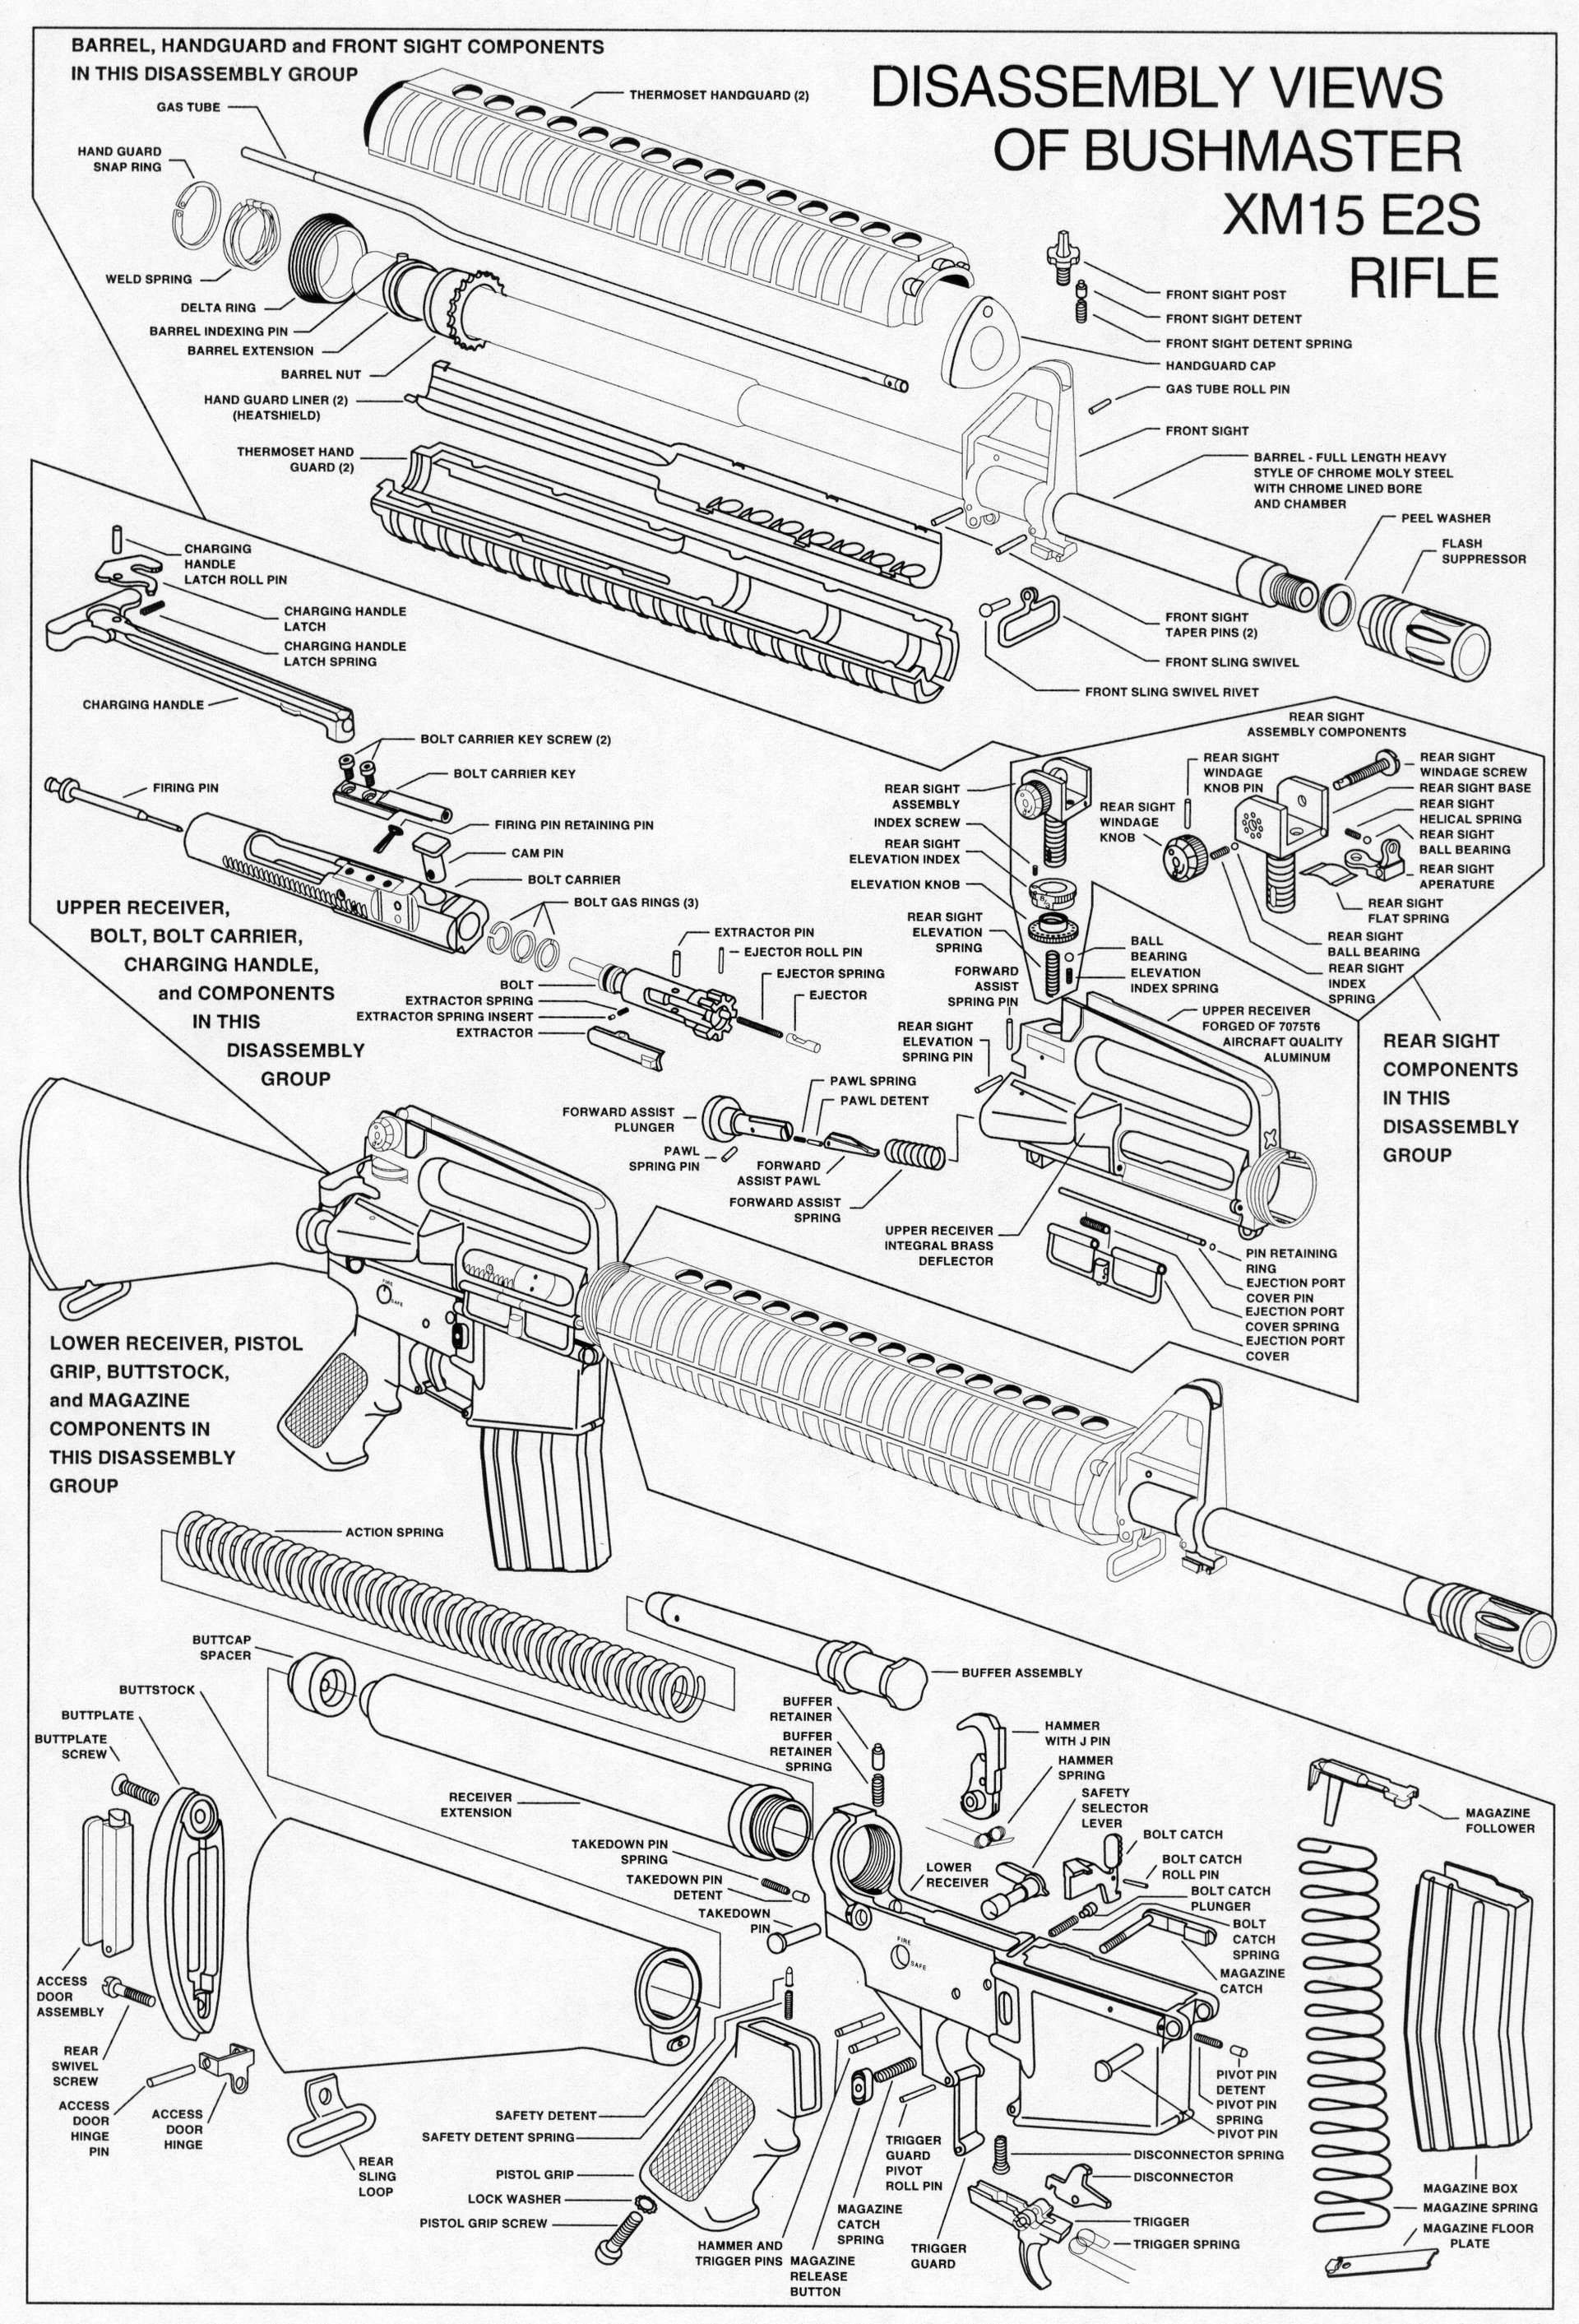 small resolution of diagram of ar 15 wiring diagram repair guidesar 15 diagram for students wiring diagram new